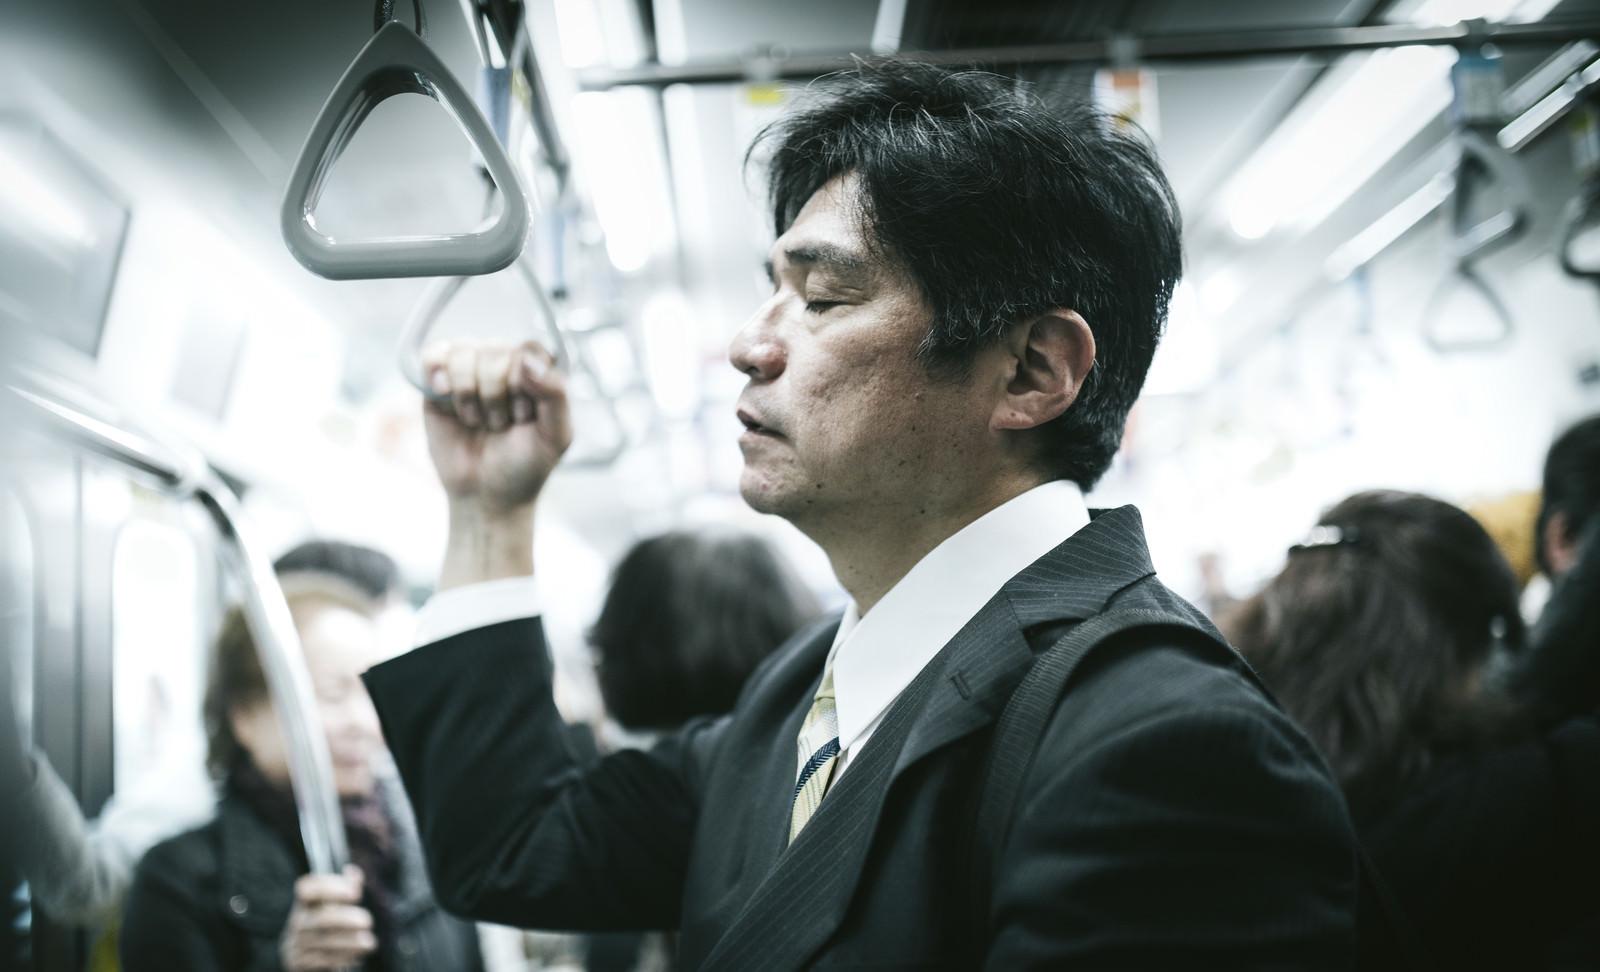 「電車の中で、立ったまま寝る中年男性」の写真